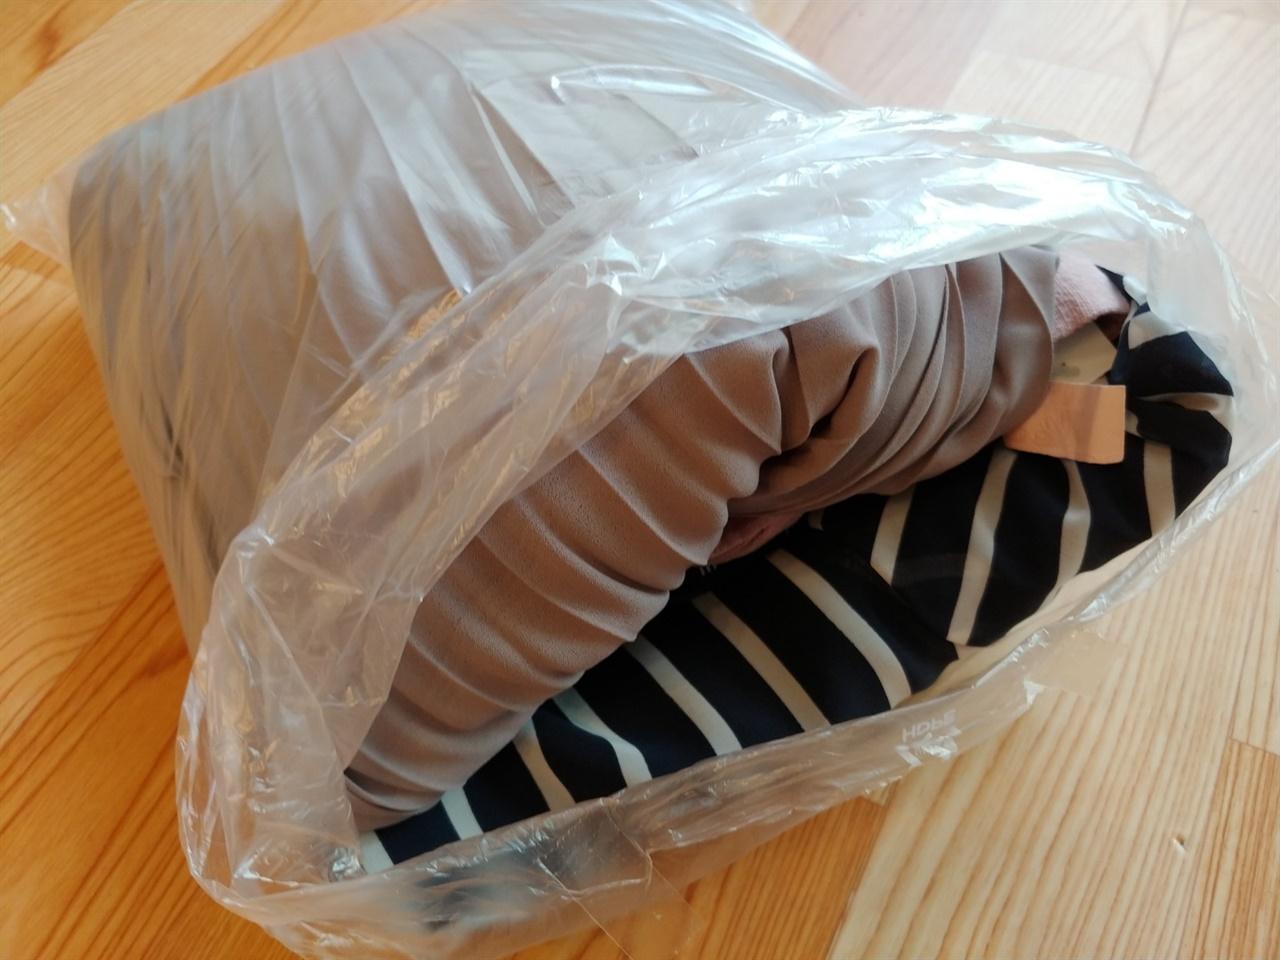 중고의류를 구입했다. 주문시 포장을 최소화해주시길 부탁드렸고, 포장 비닐 하나에 네 벌의 옷이 담겨 왔다.